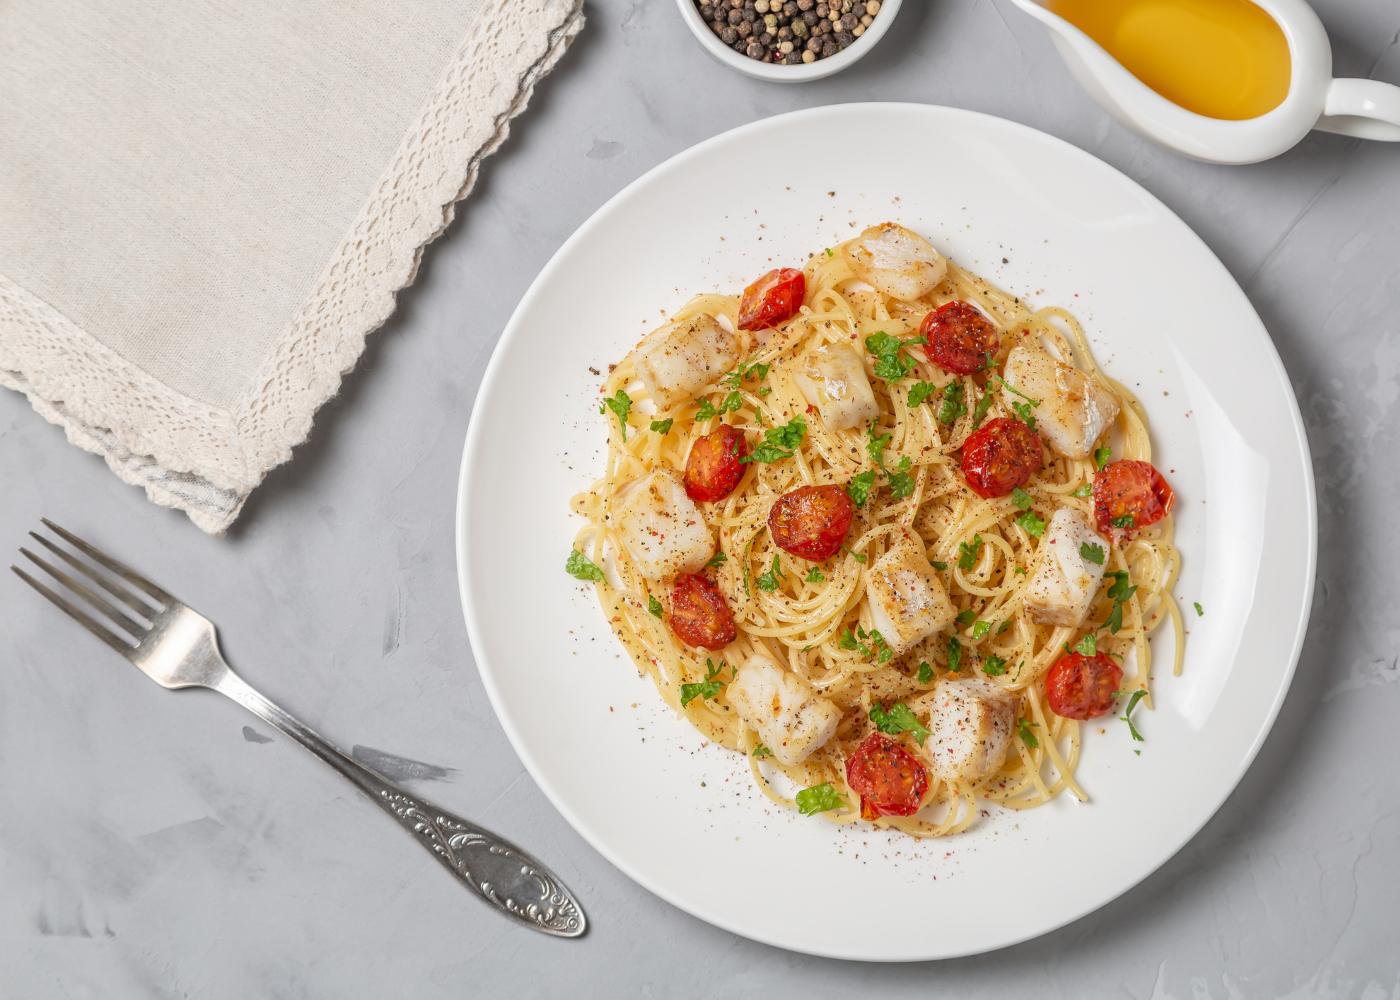 massa esparguete com bacalhau